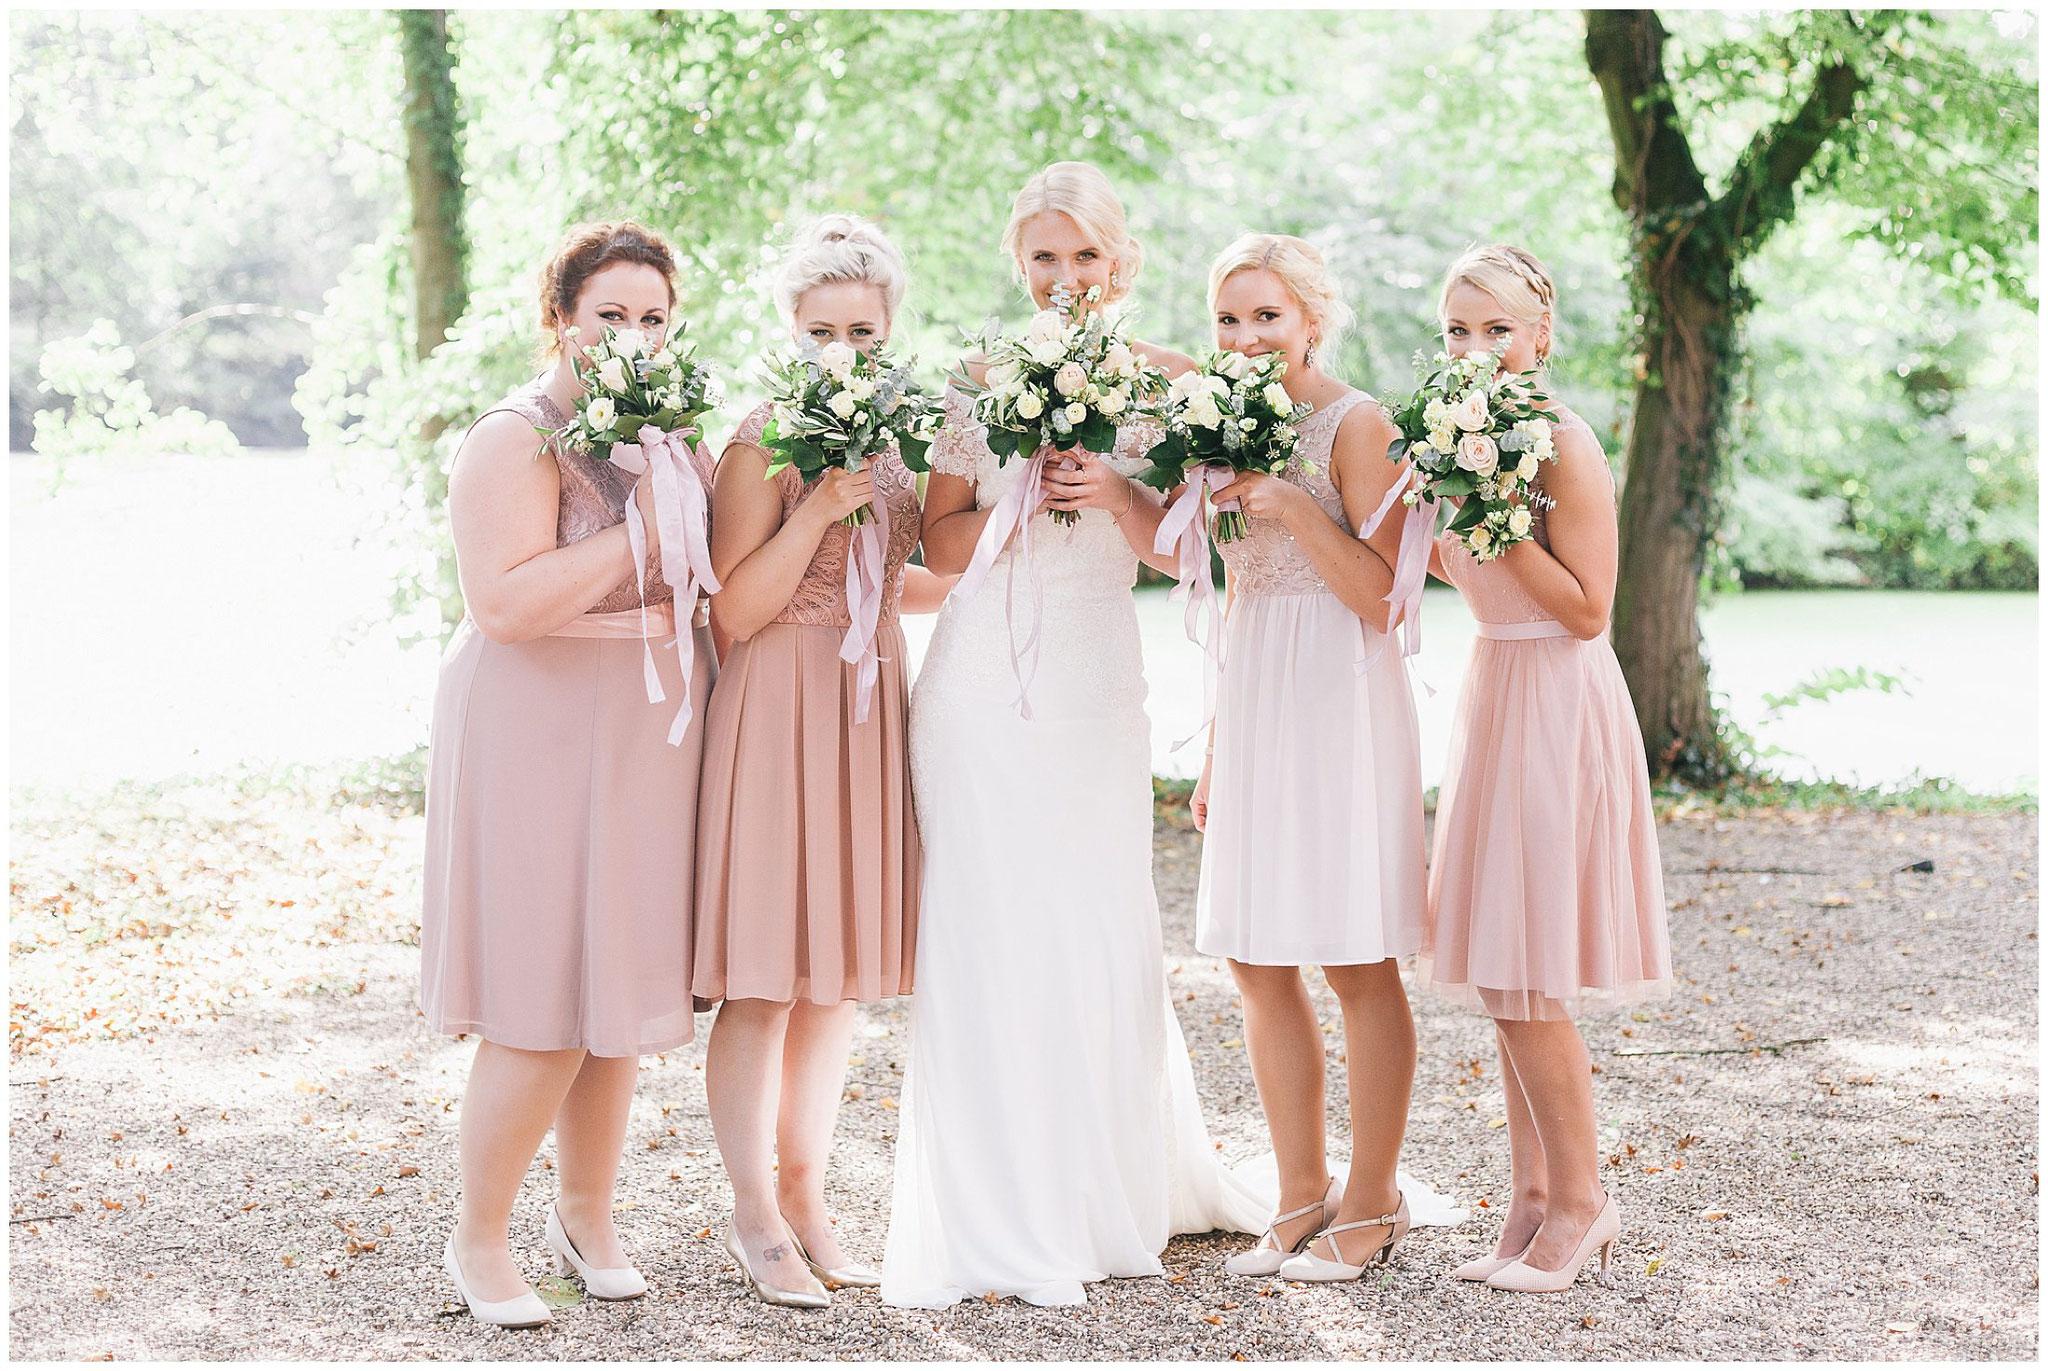 Hochzeitsfotograf Ruhrgebiet Jane Weber Schloss Lüttingshof Braut mit Brautjungfern